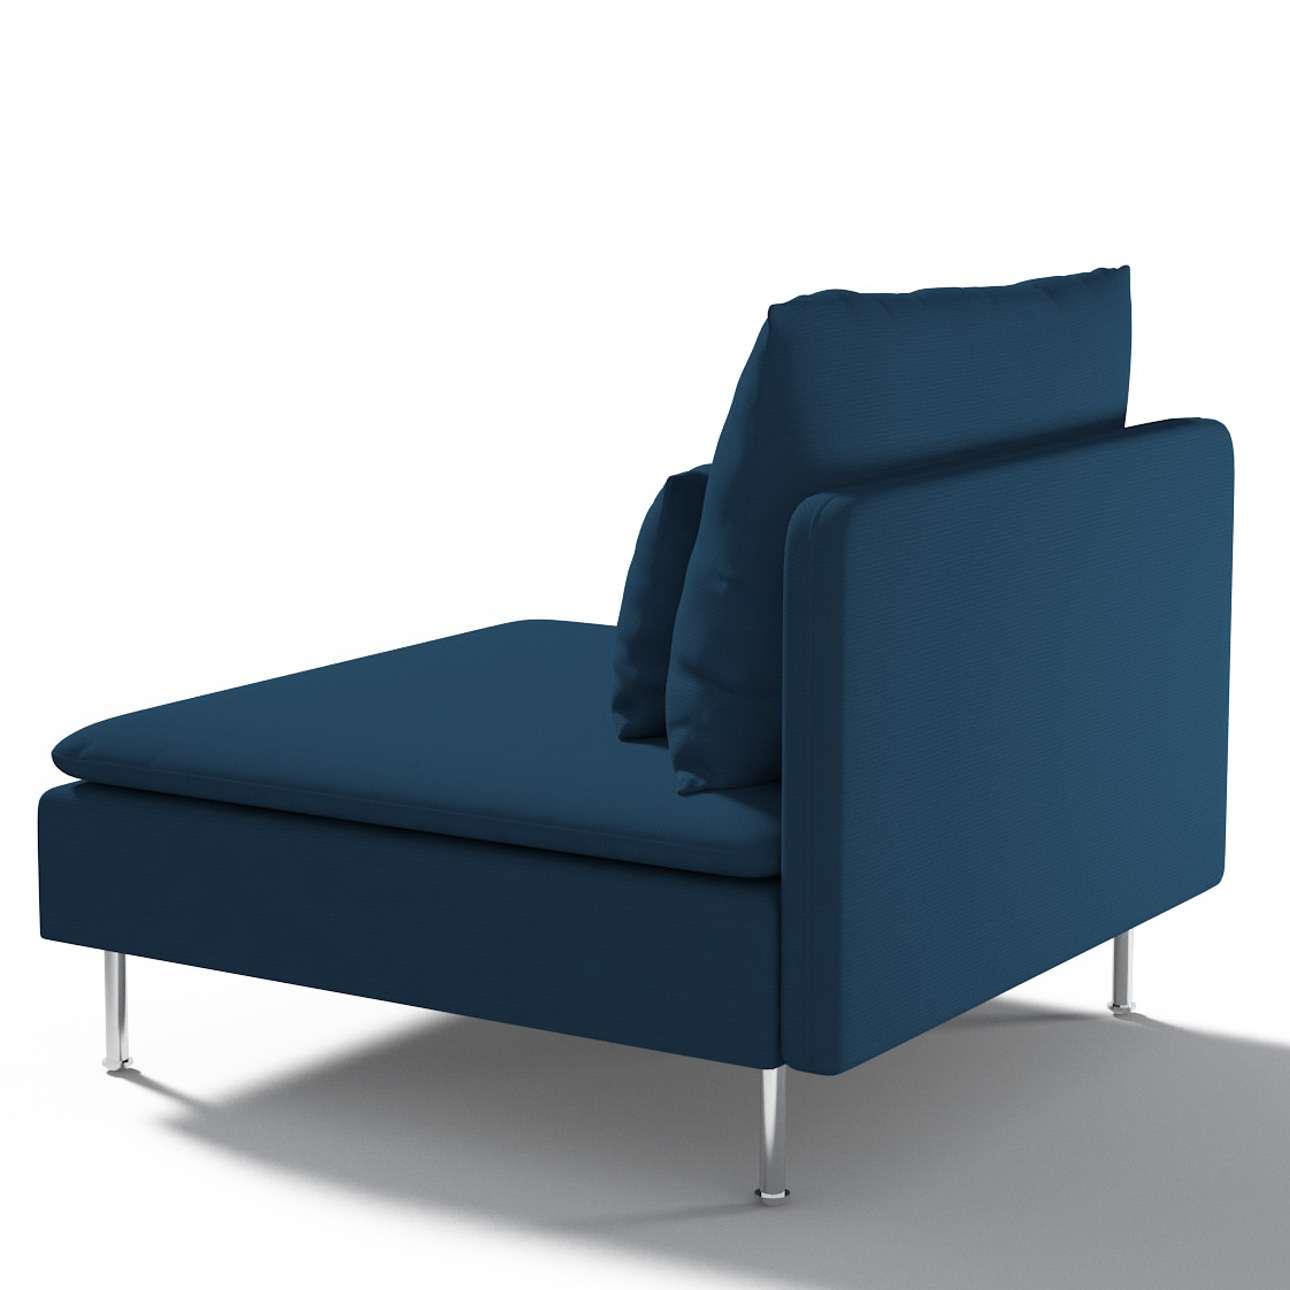 Bezug für Söderhamn Sitzelement 1 von der Kollektion Cotton Panama, Stoff: 702-30